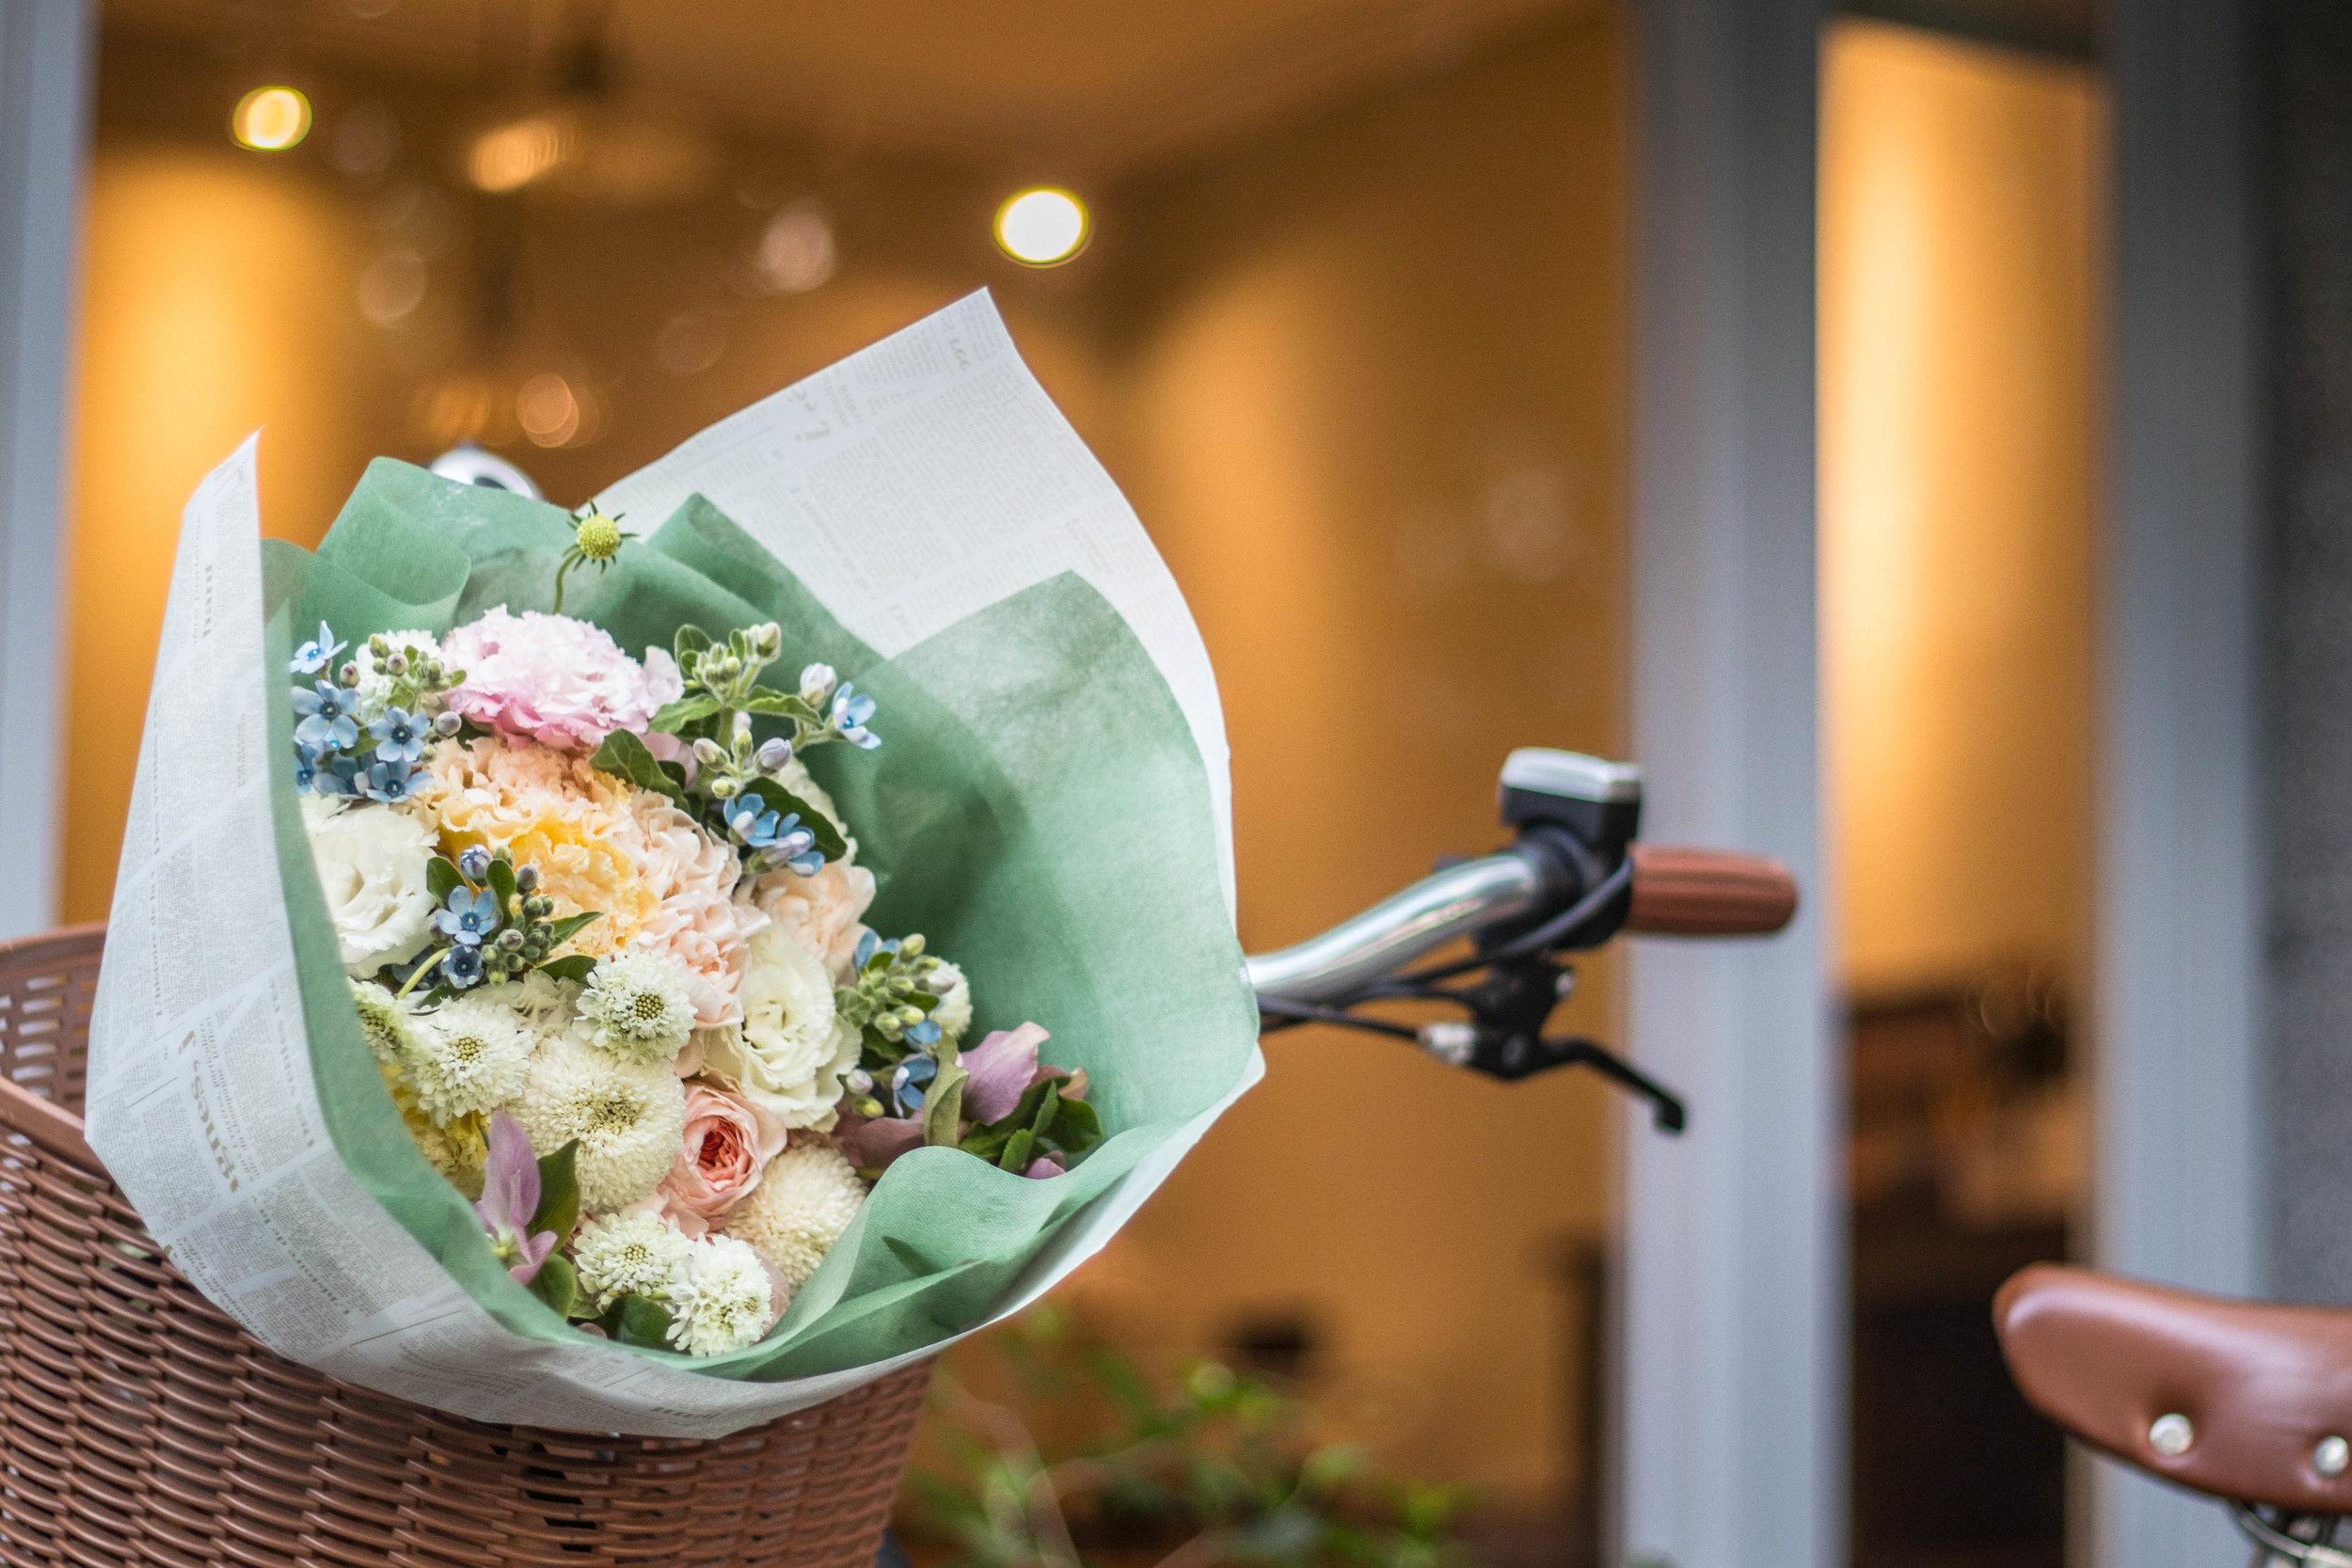 一束花,一個蛋糕 - 媽媽比任何人都珍惜你親手做的禮物。由日法甜點師Kai及花藝專家Amber帶你製作『玫瑰莓果巧克力蛋糕』、『母親節粉嫩系手綁花束』。